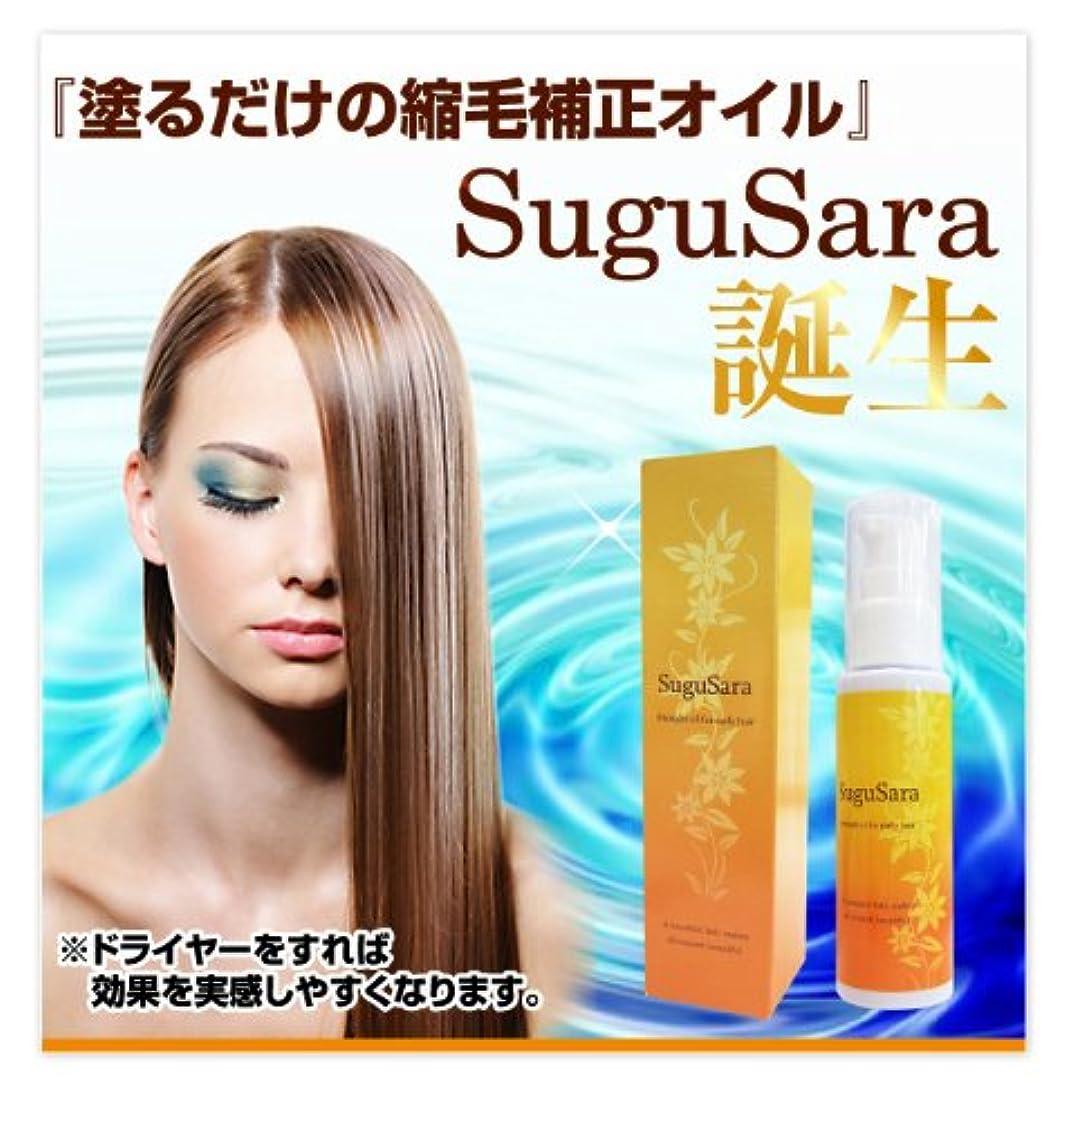 類似性身元ディーラーsugu sara(スグサラ) 50mL